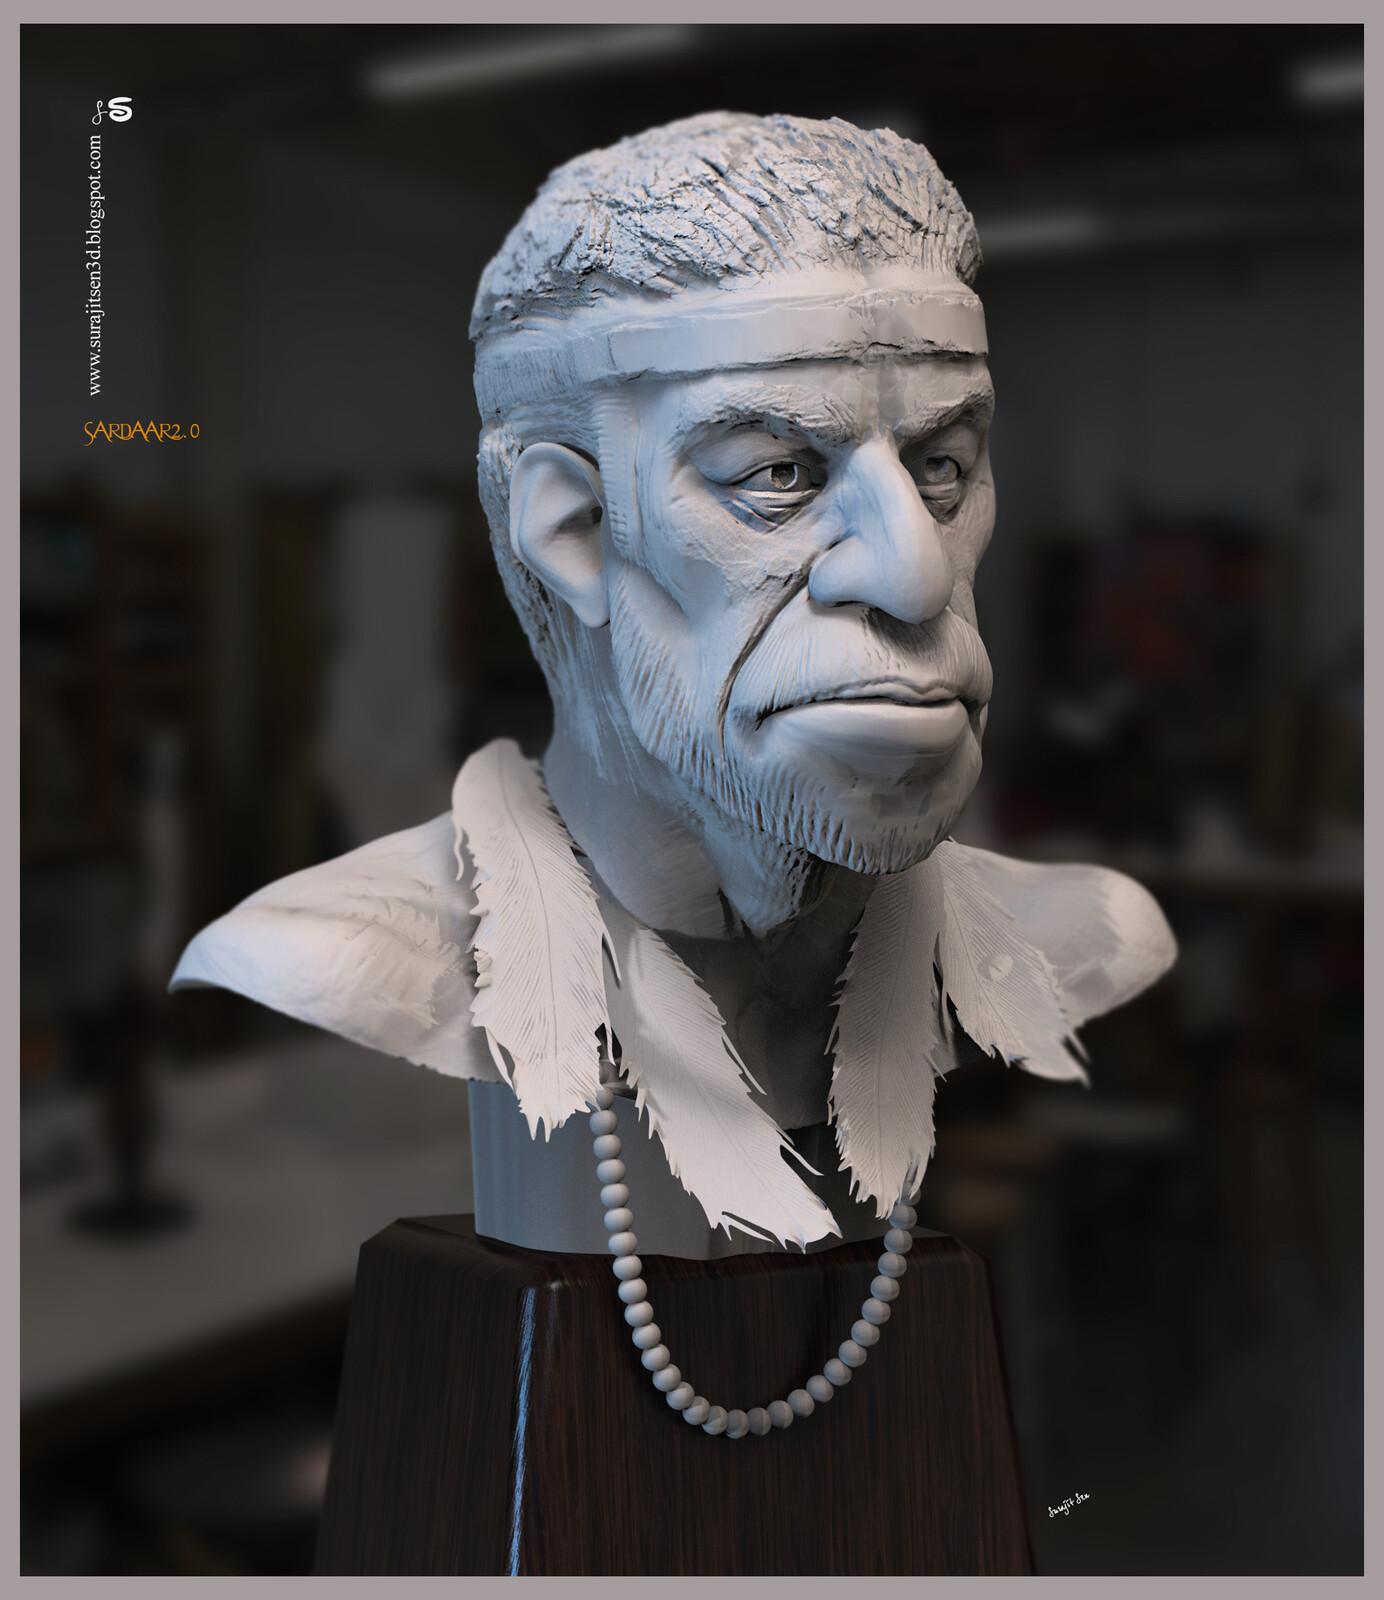 Sardaar2.0 Digital Sculpture One of my study works.. Background music- #hanszimmermusic